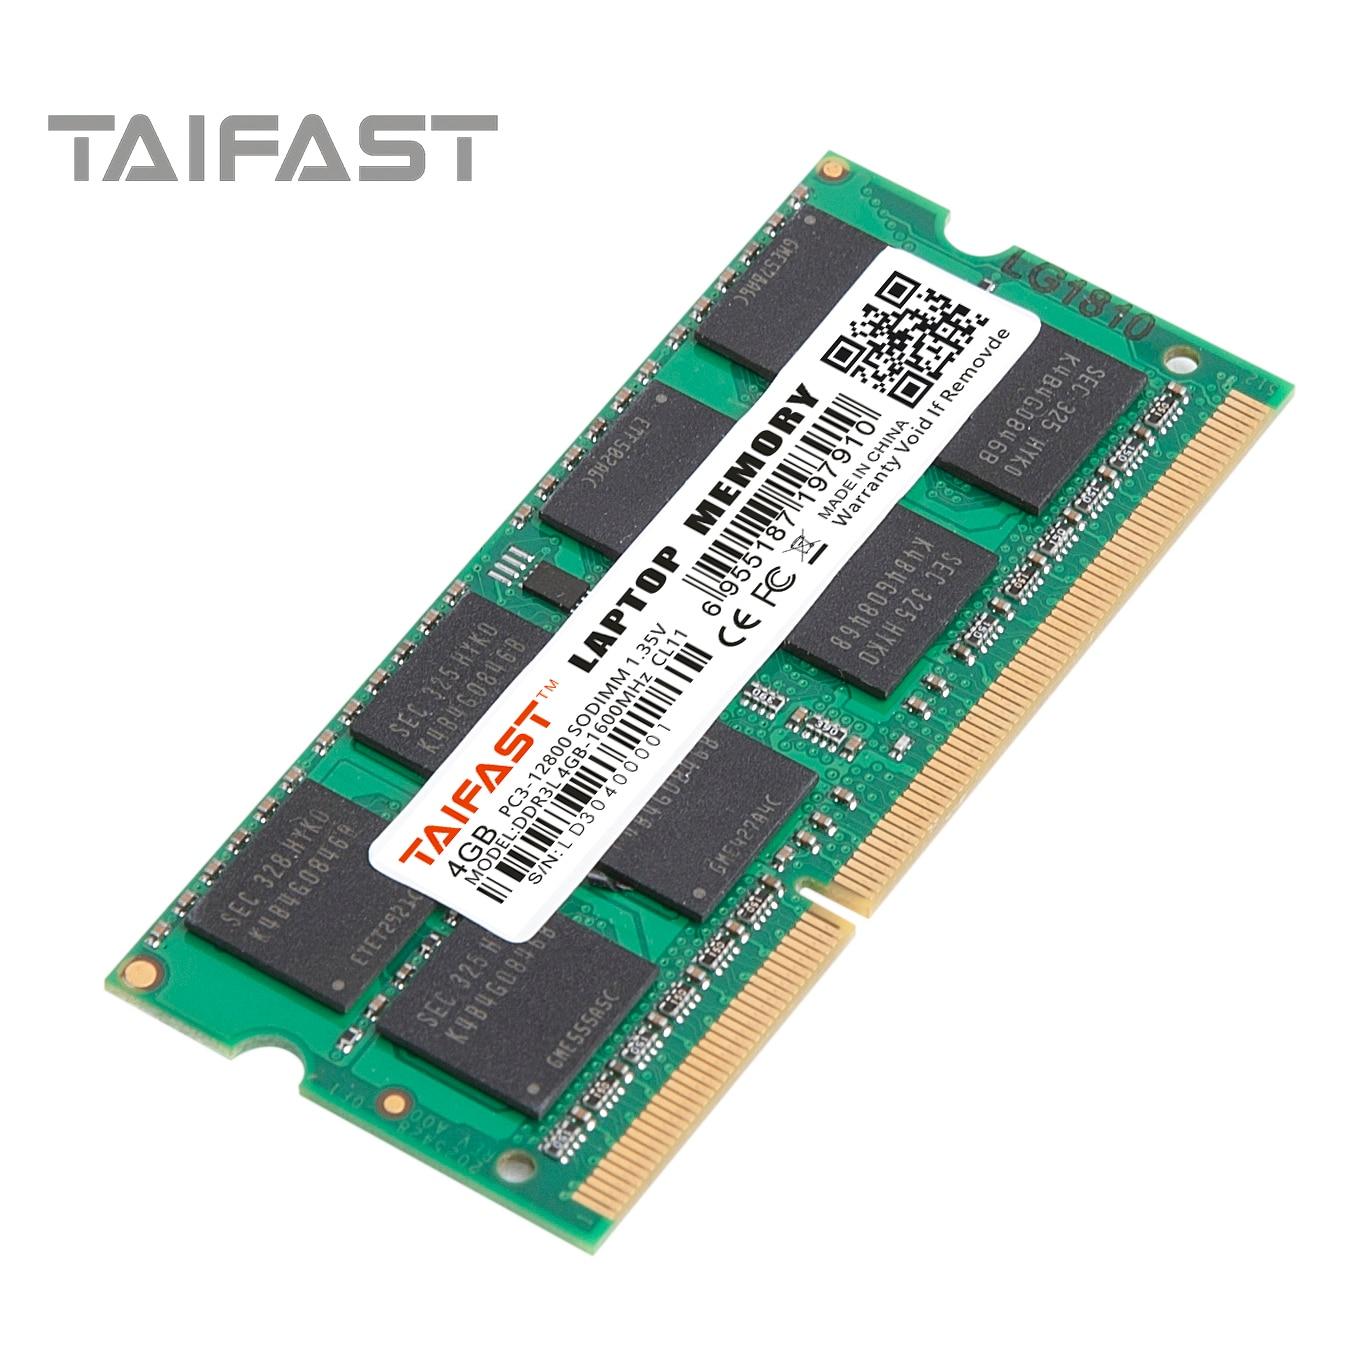 Taifast RAM para que DIMM DDR3 DDR3L 8 GB 4GB 1333MHZ 1600MHZ SODIMM 8 GB de 1,35 V para la memoria del ordenador portátil